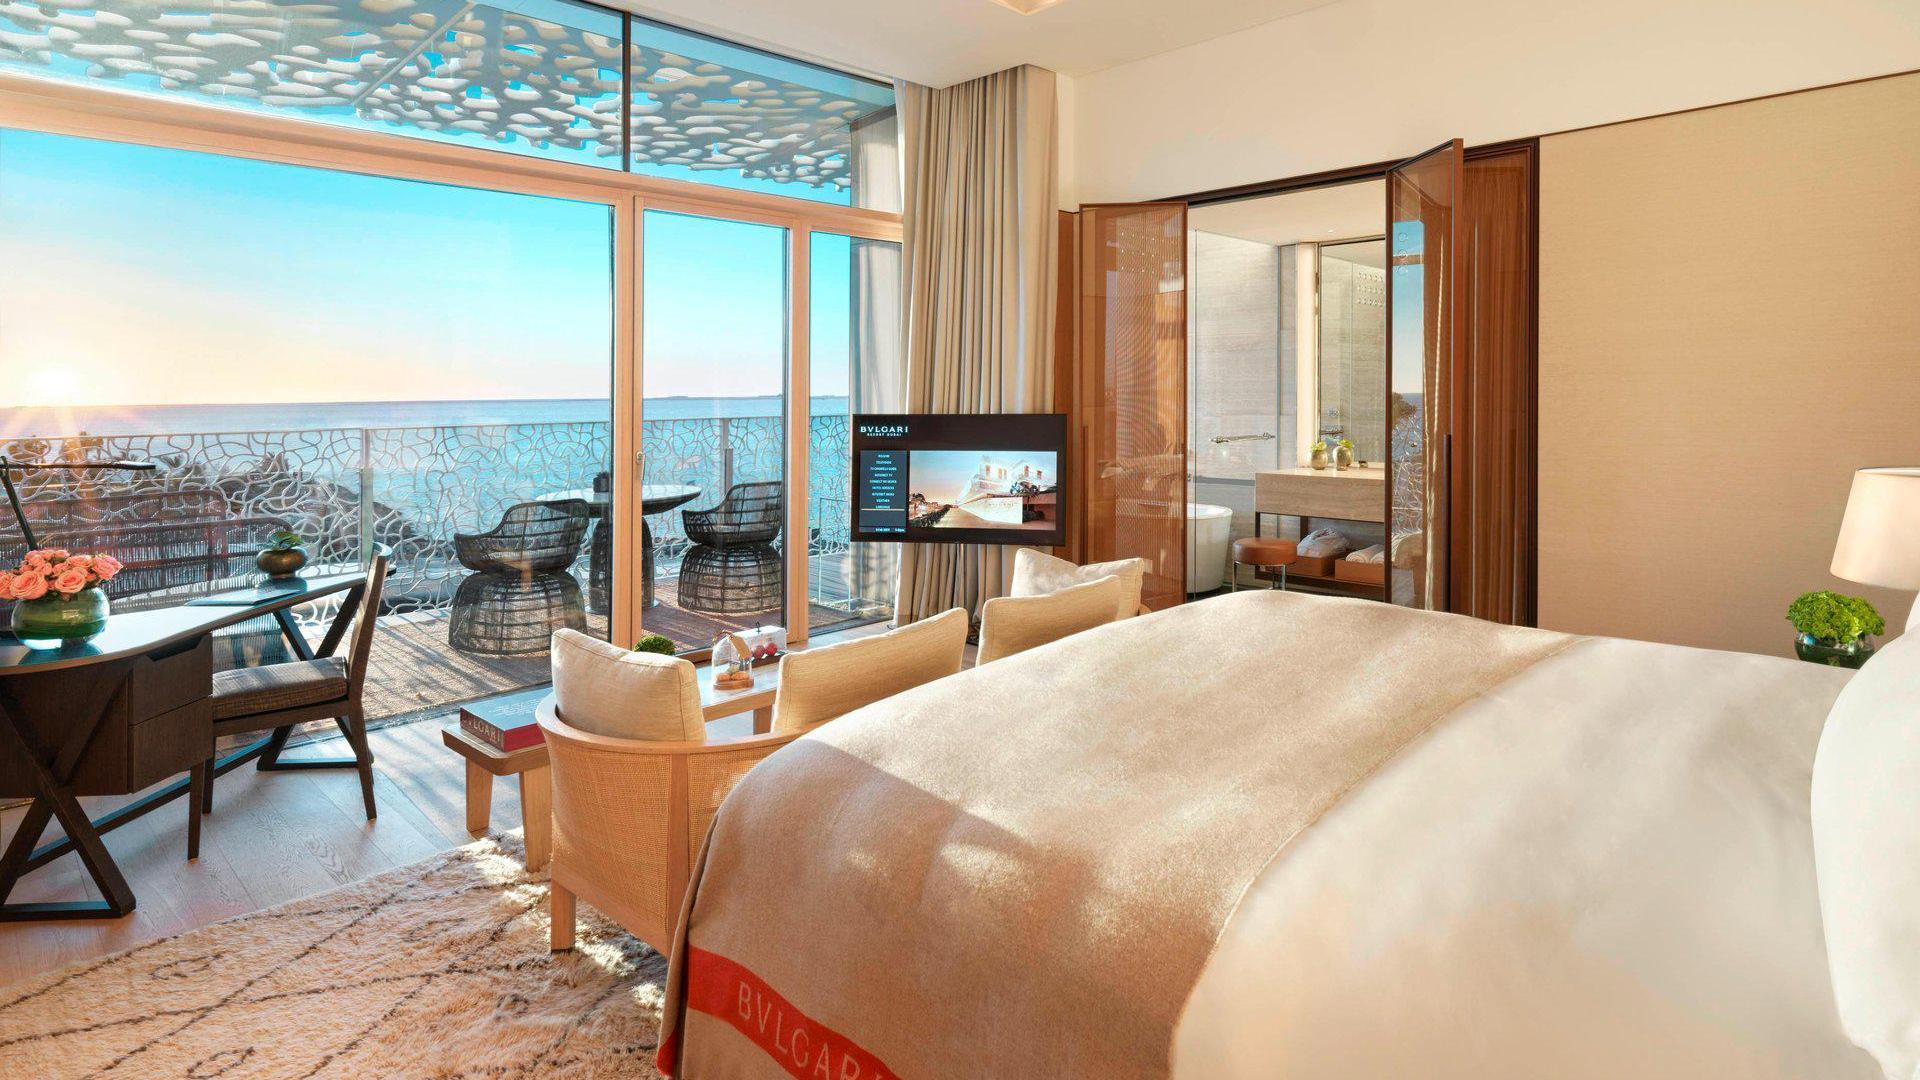 Apartamento en venta en Dubai, EAU, 1 dormitorio, 139 m2, № 23855 – foto 1